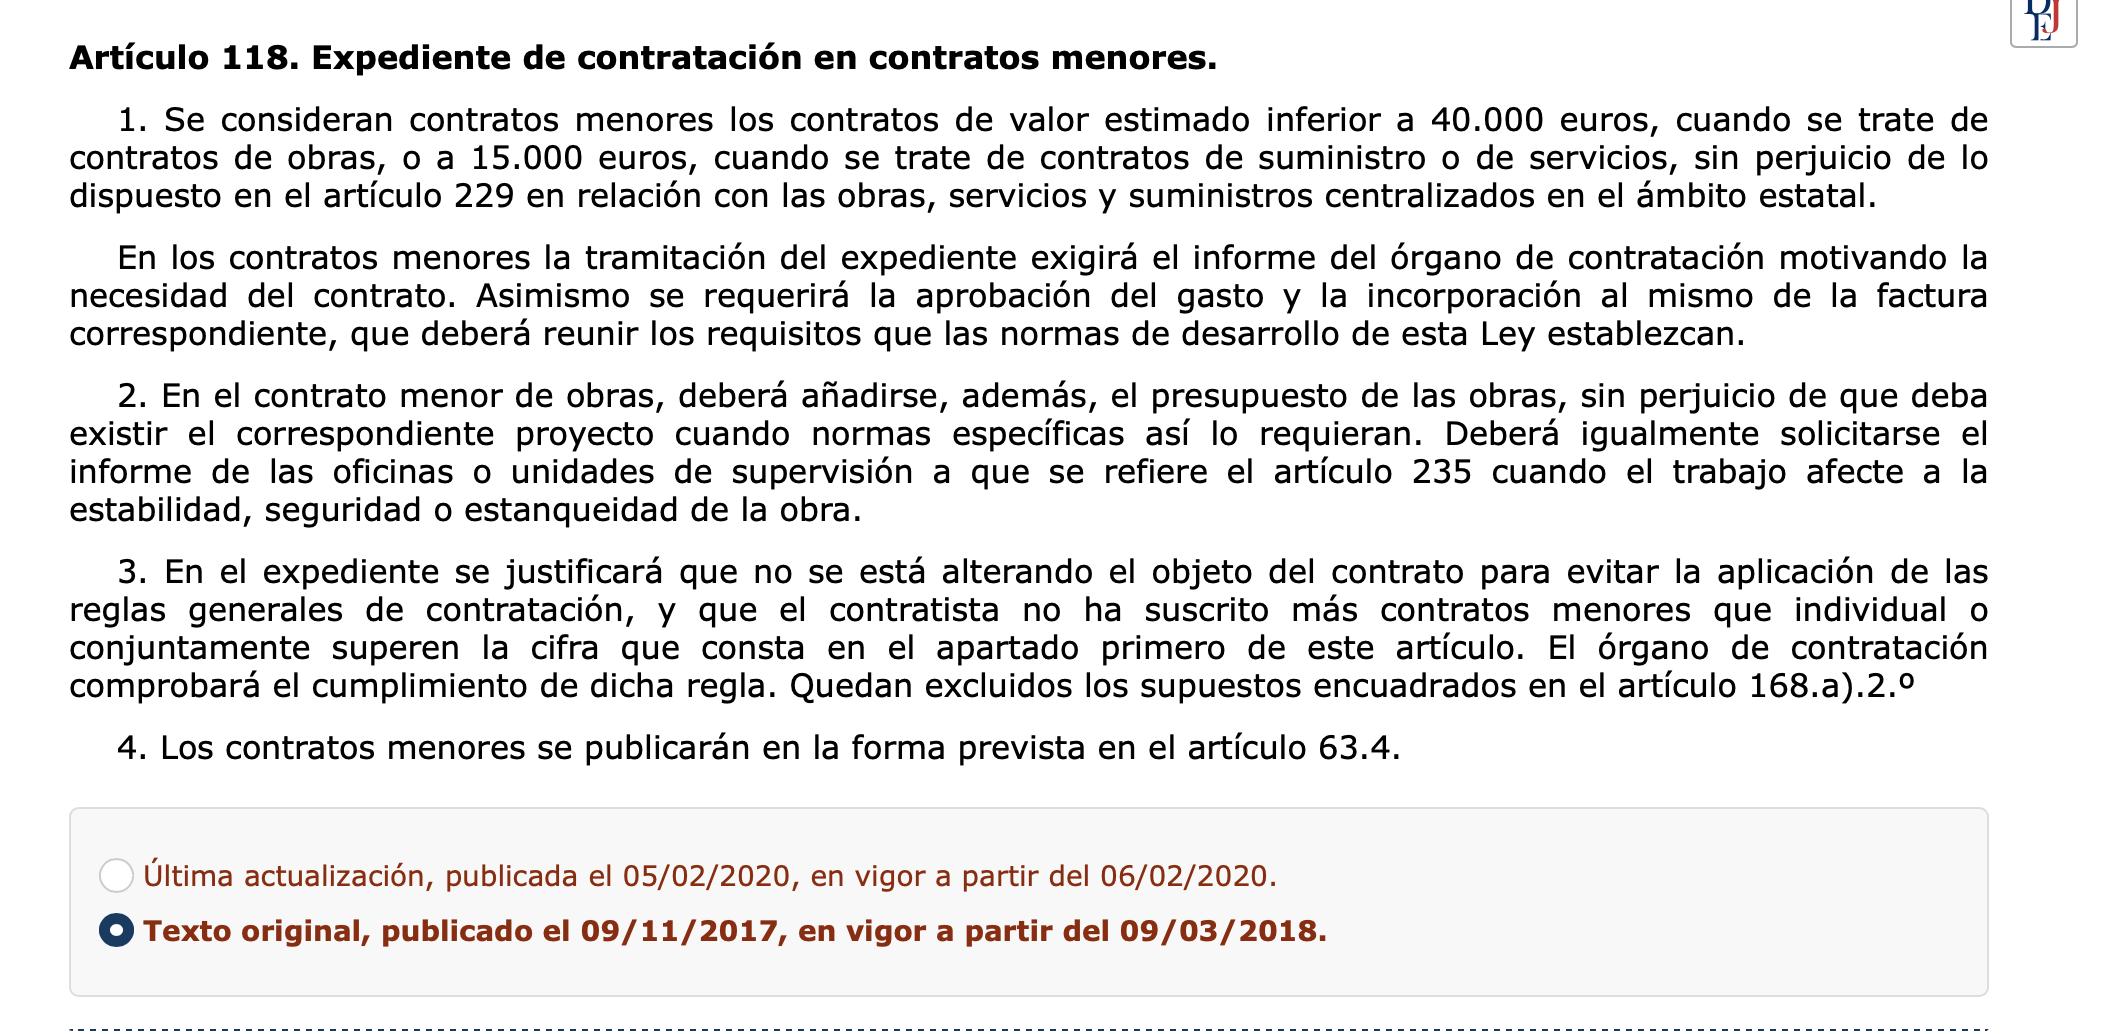 Actualización Contratos menores Real Decreto